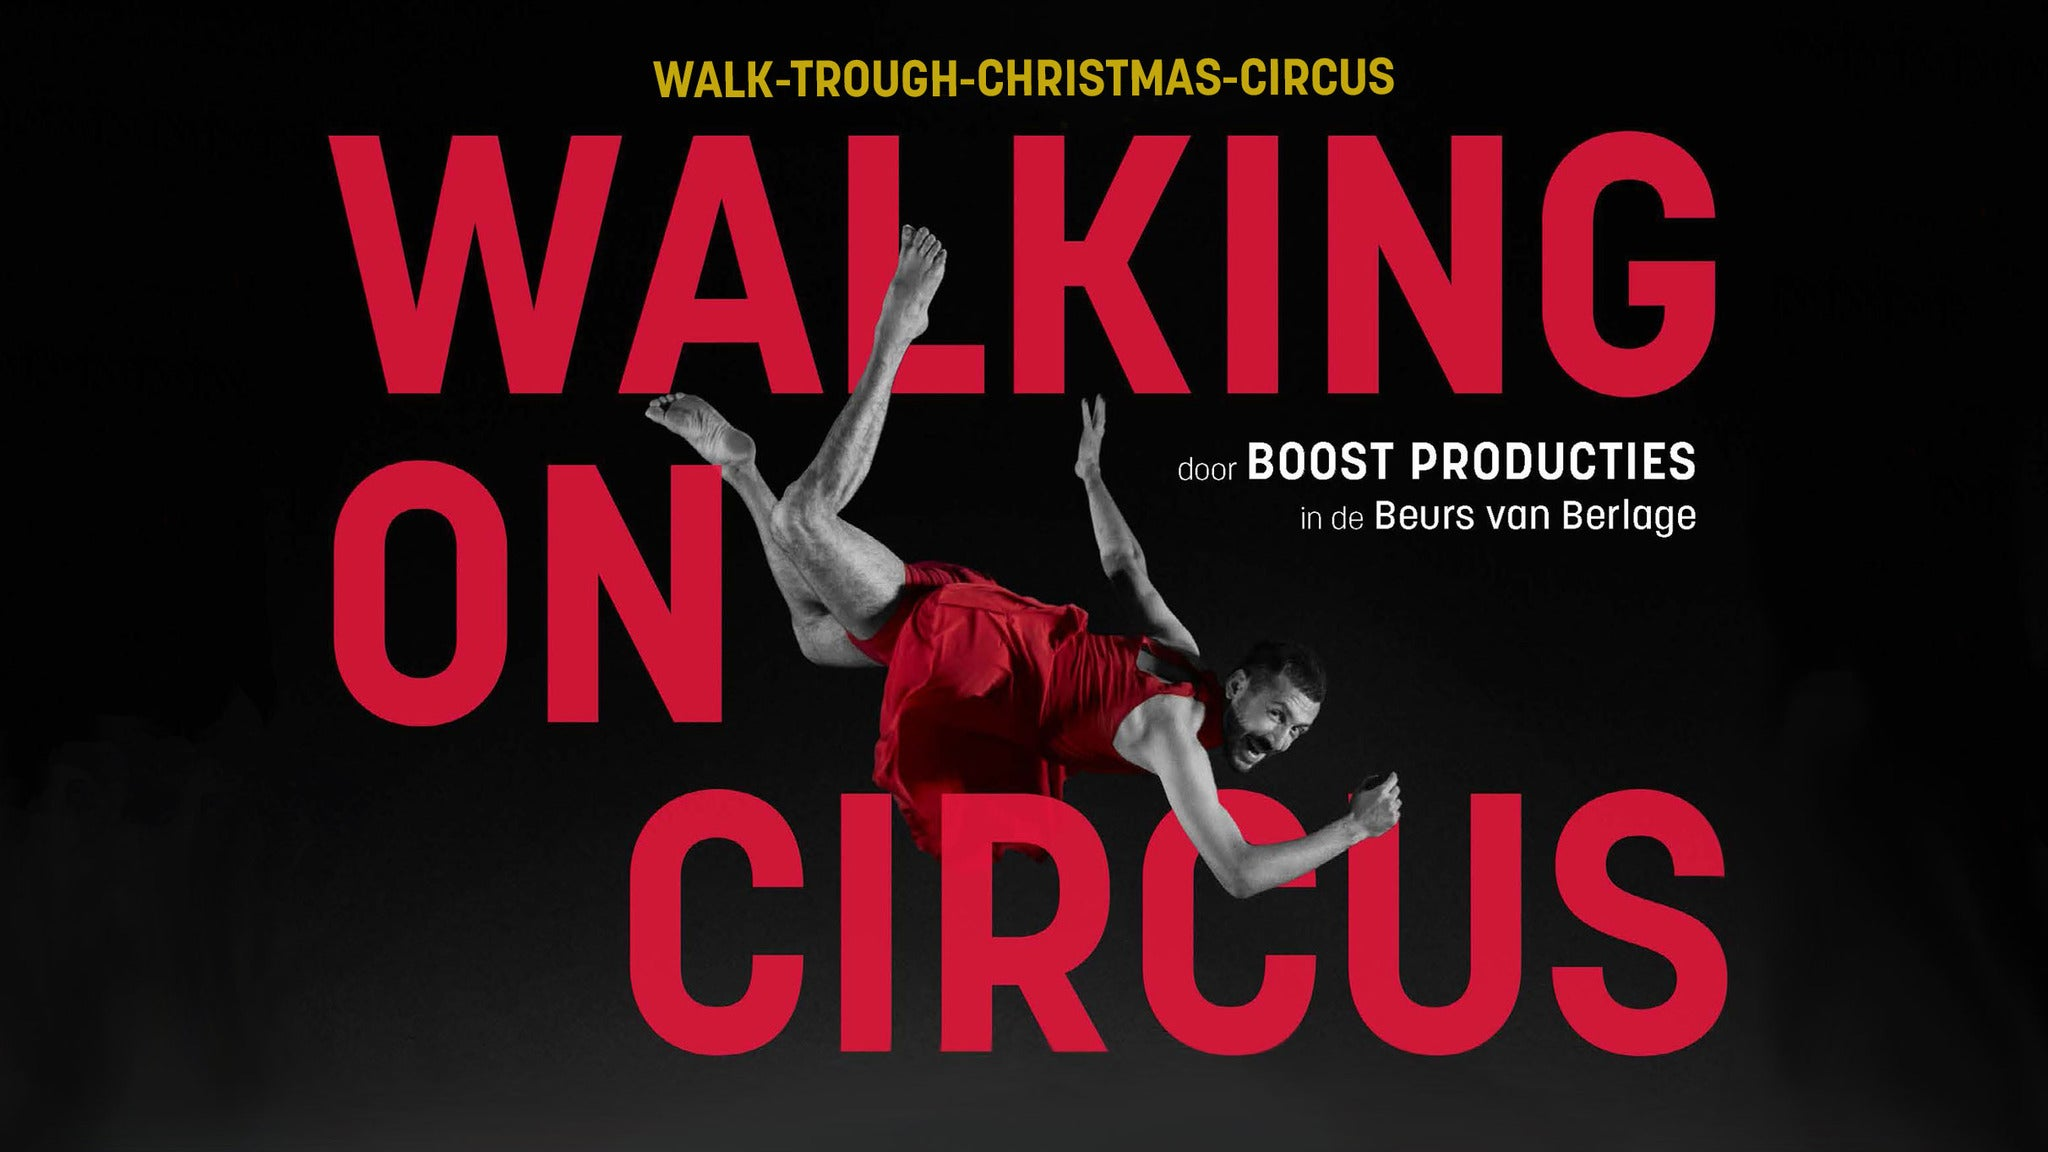 Walking on Circus, walk-through-circus | Start timeslot: 13:45